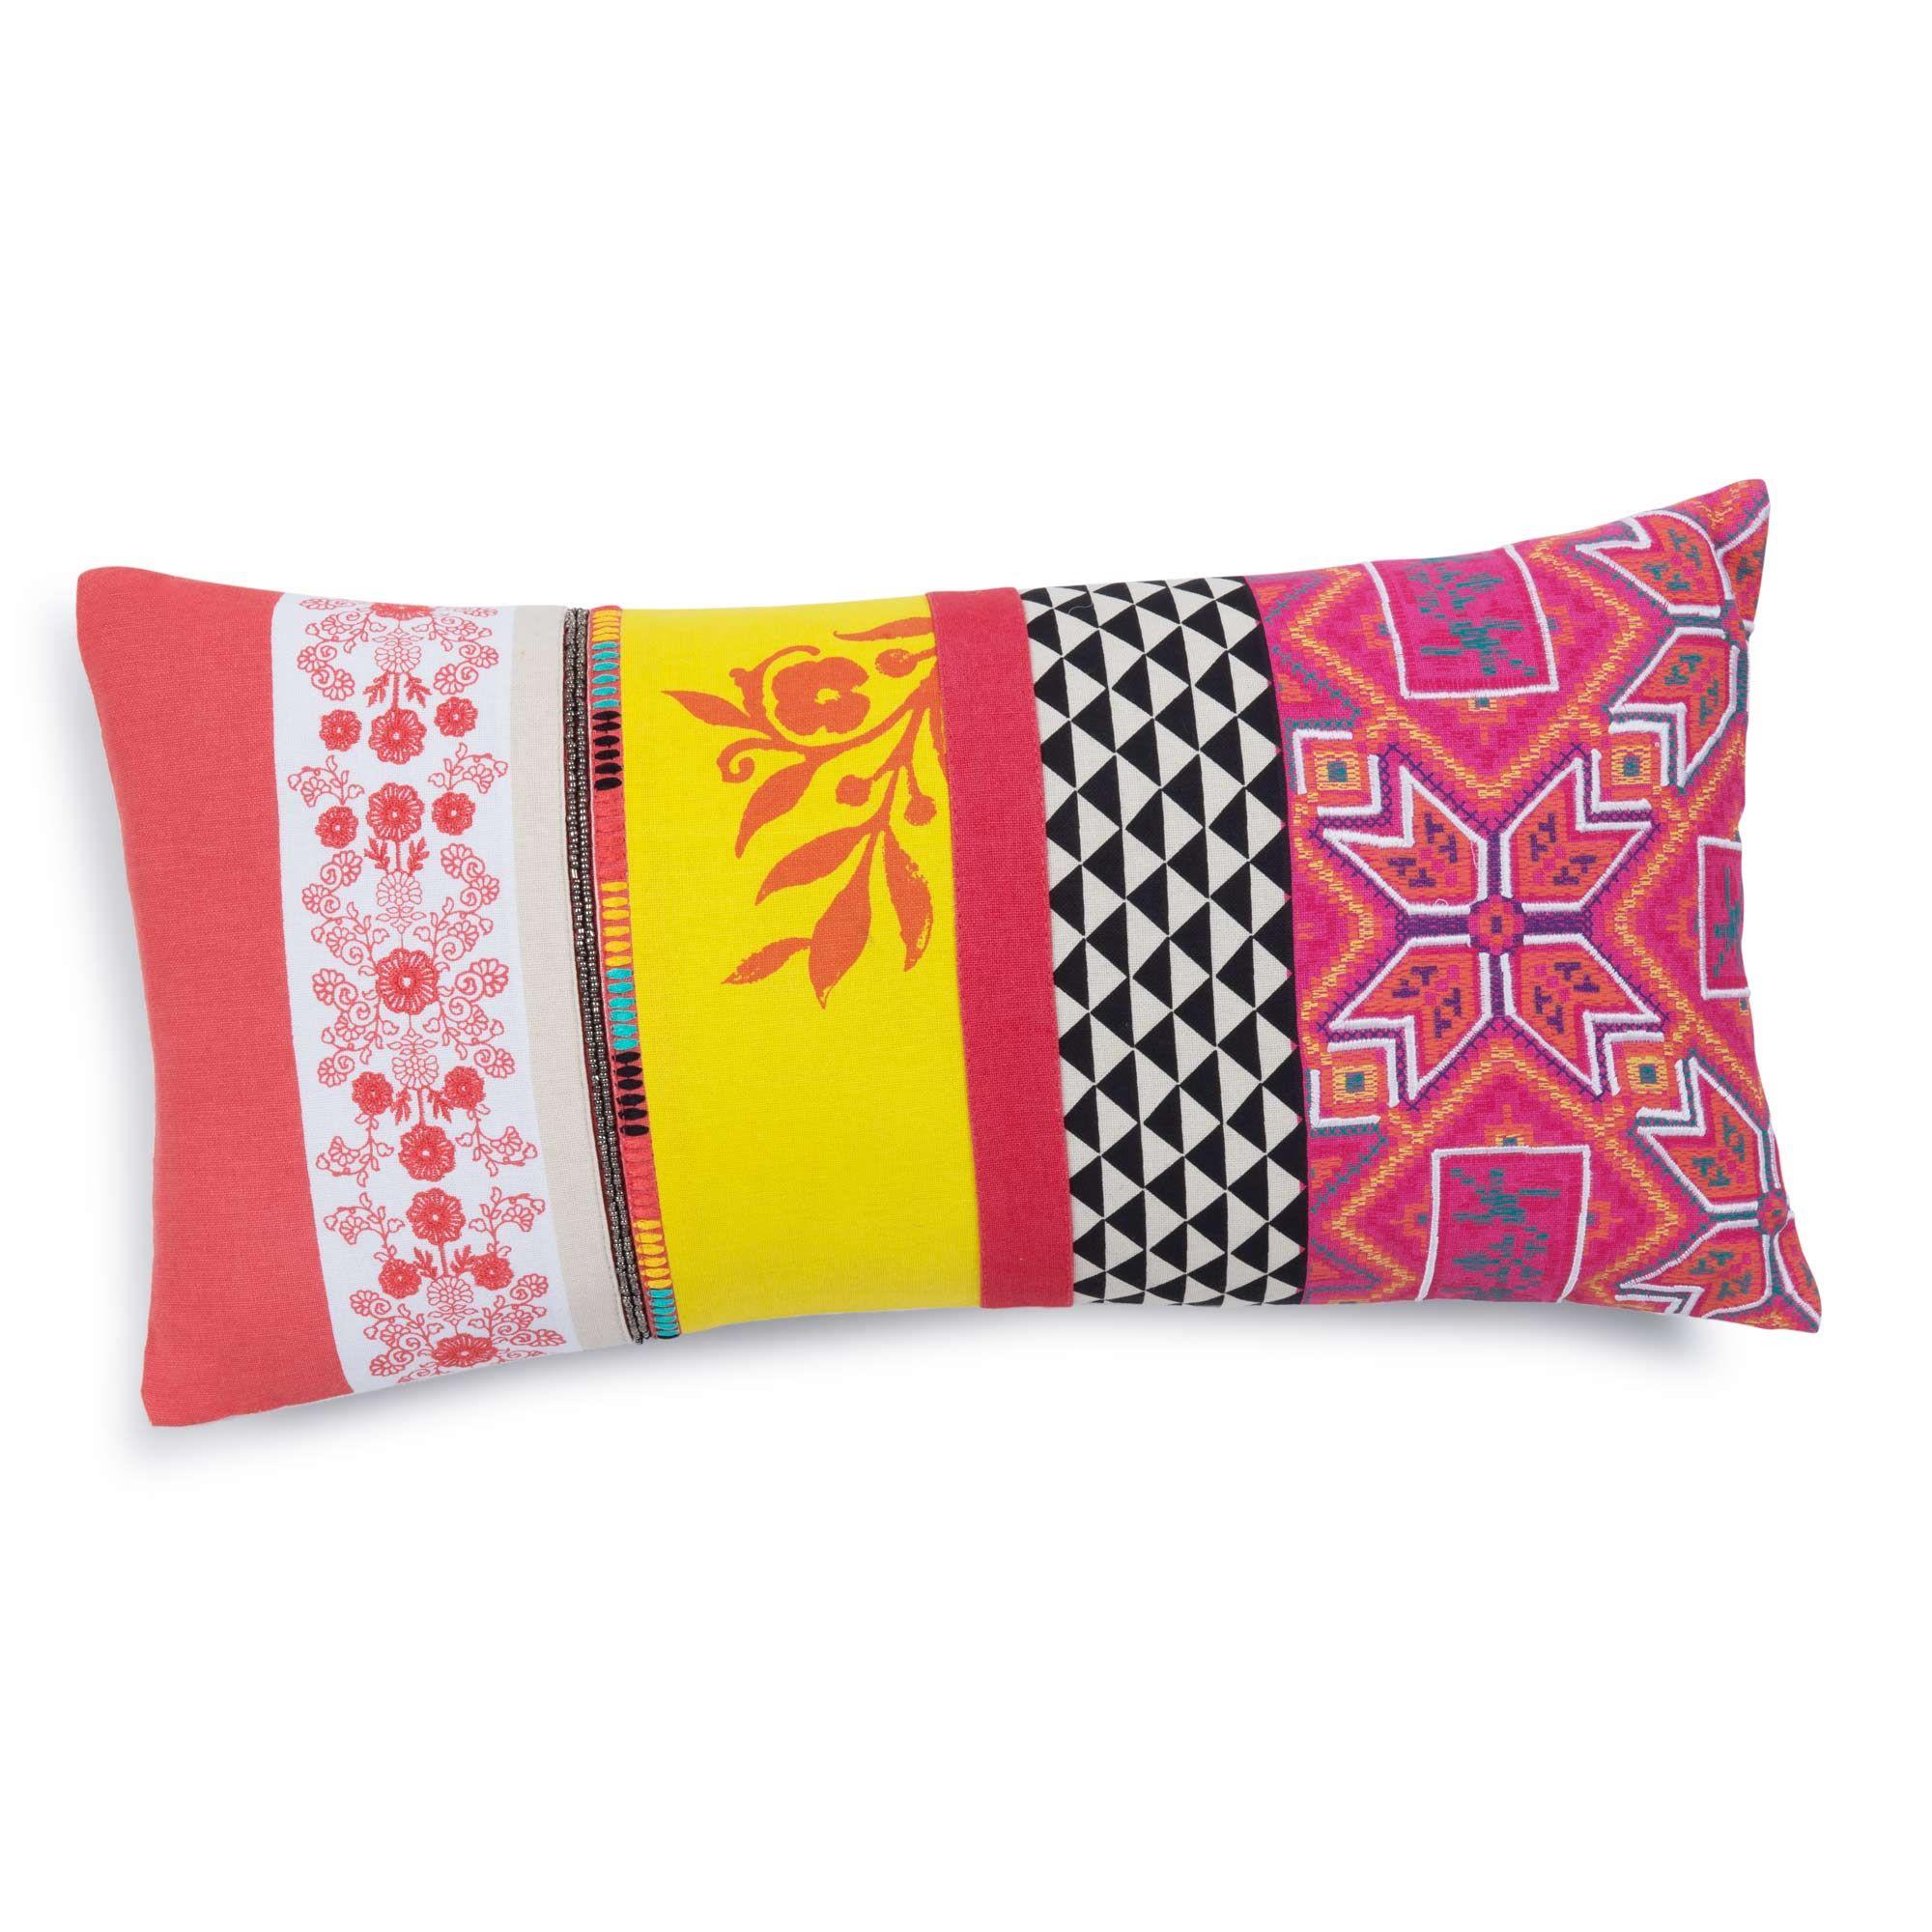 coussin 25 x 50 Coussin en coton multicolore 25 x 50 cm INDIRA | Maisons du Monde  coussin 25 x 50